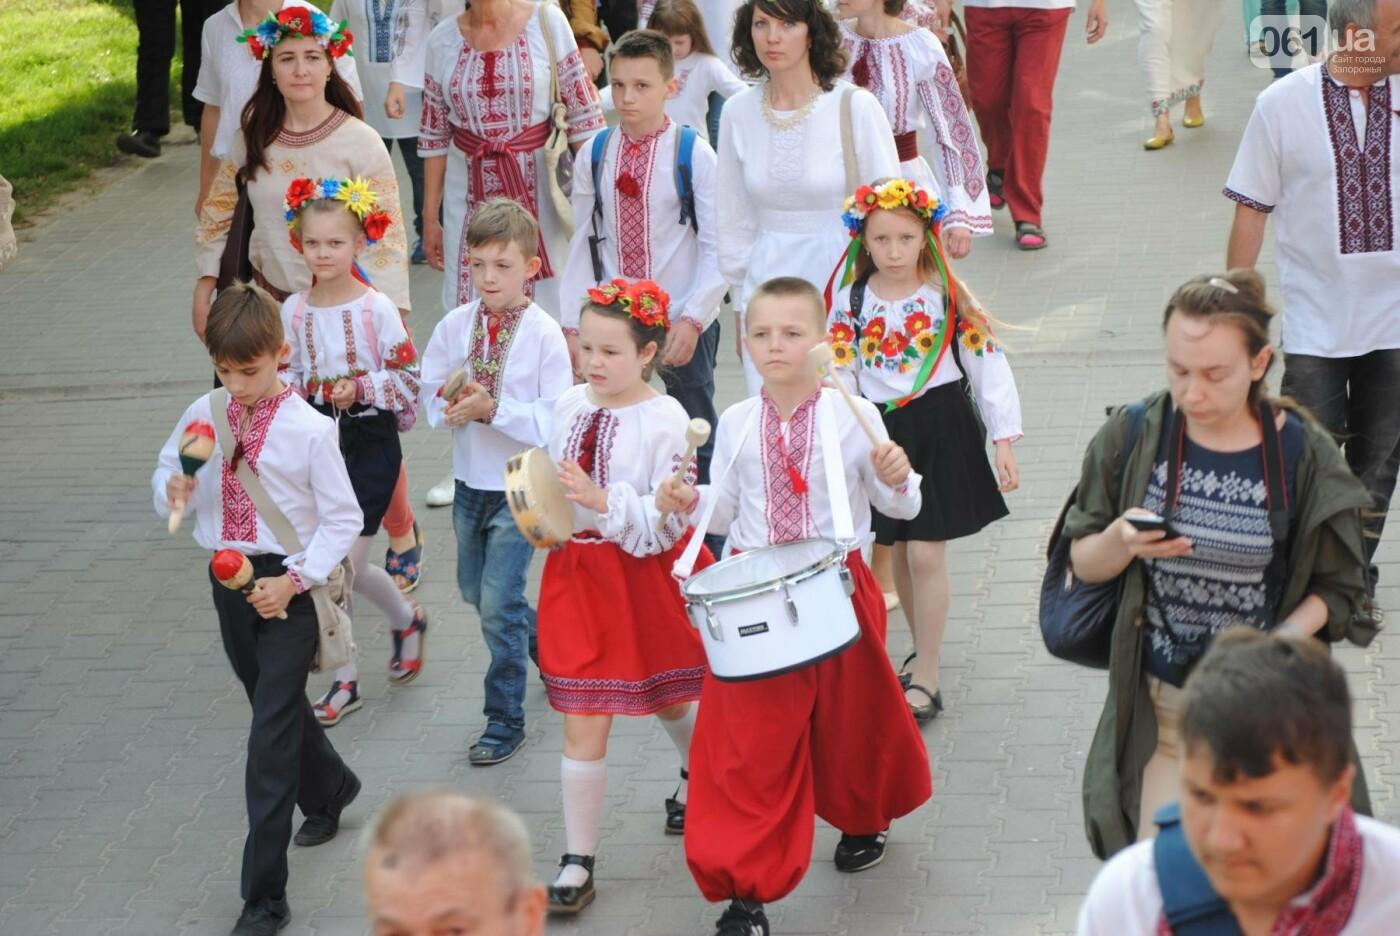 Несколько сотен запорожцев приняли участие в Марше вышиванок, - ФОТОРЕПОРТАЖ, фото-9